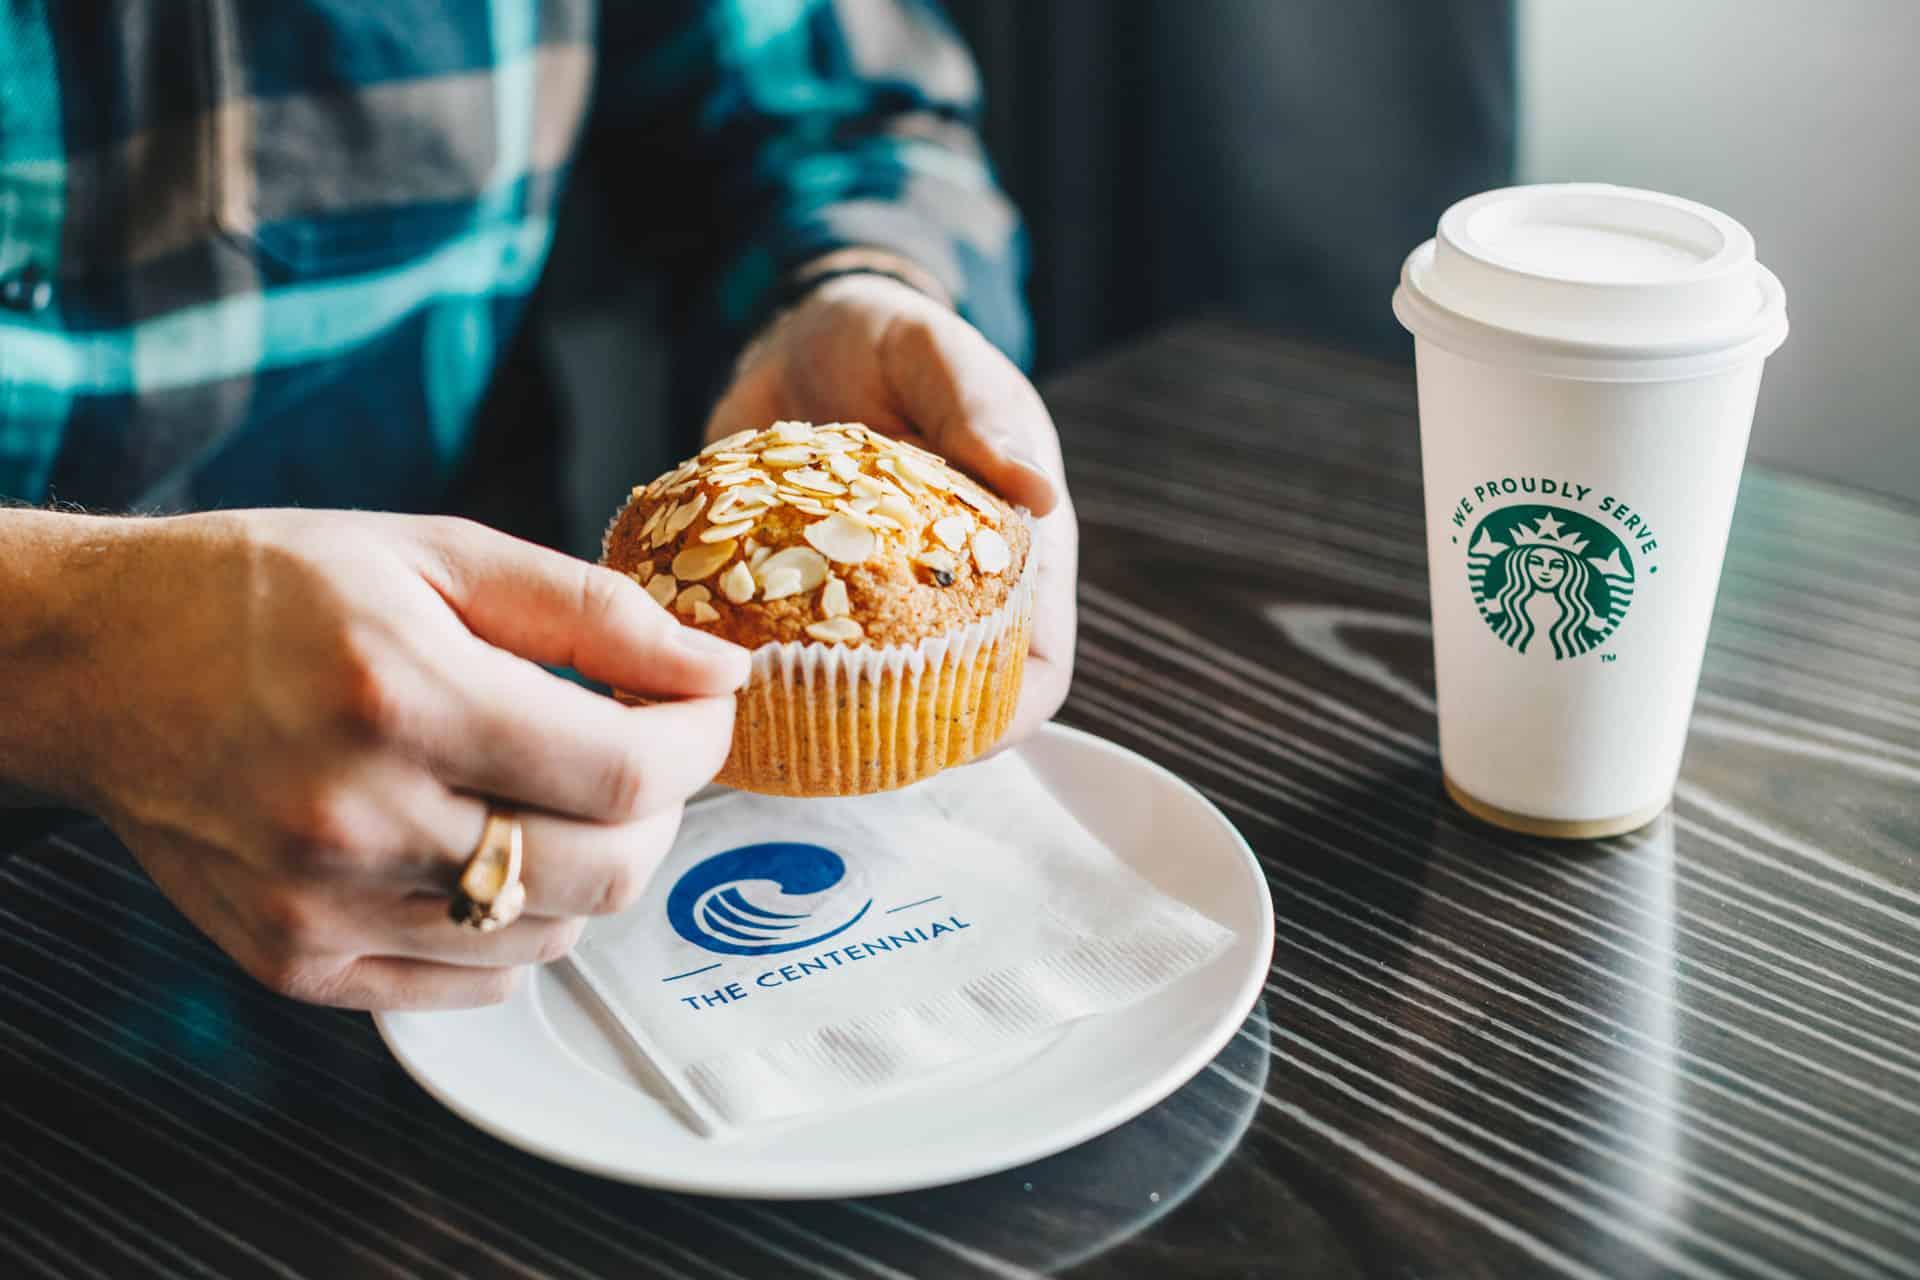 Starbucks coffee and muffin | Davenport Centennial